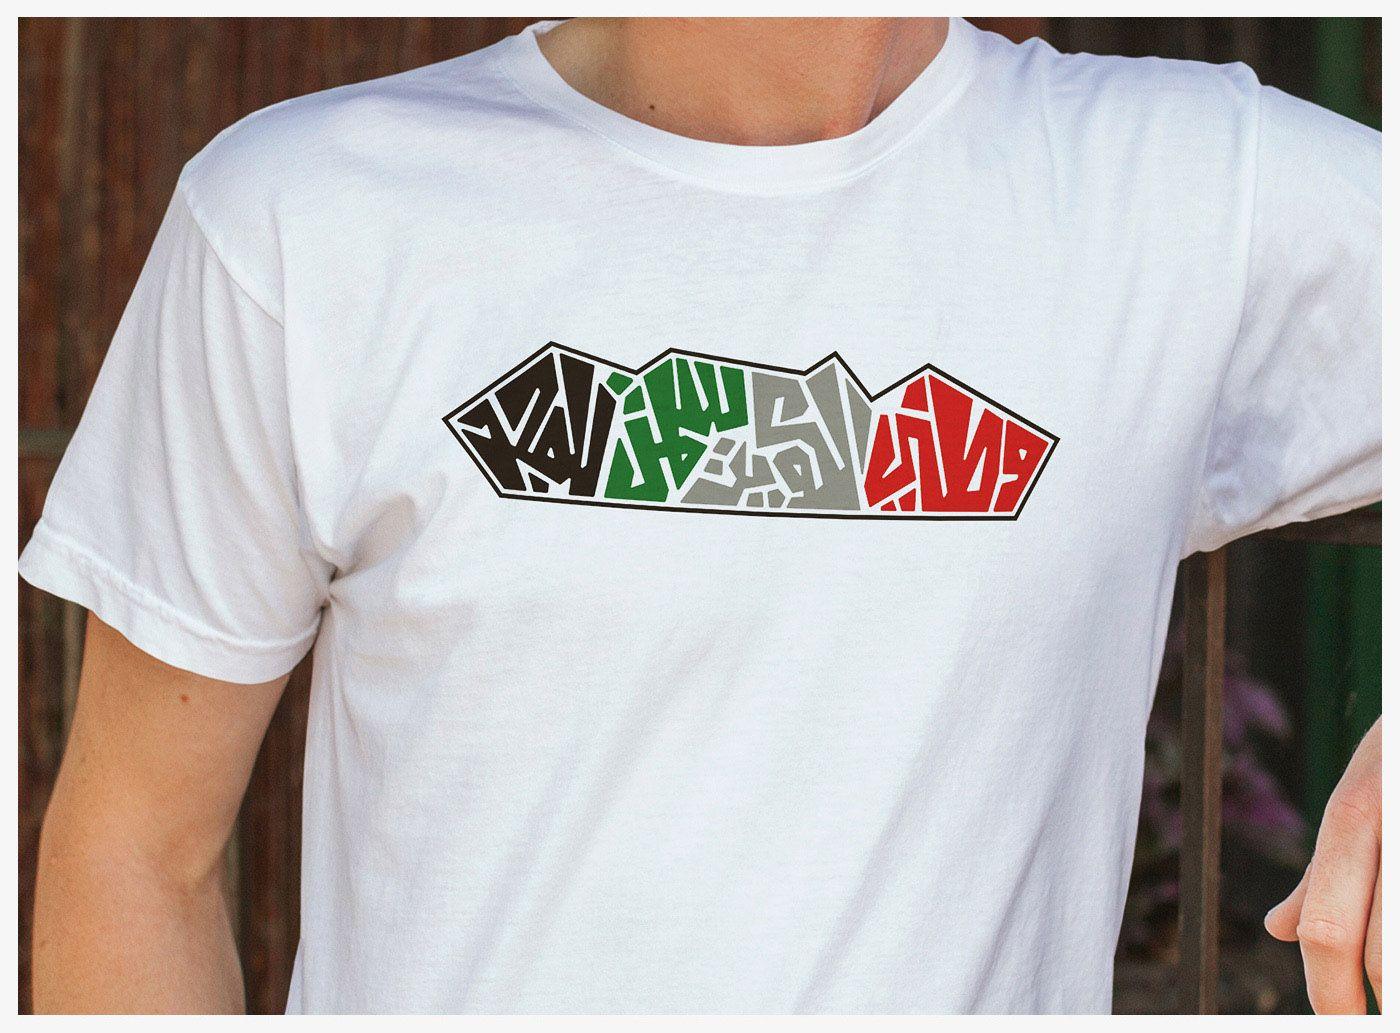 Kuwait National Day T Shirts Shoair Art Studio T Shirt Shirts